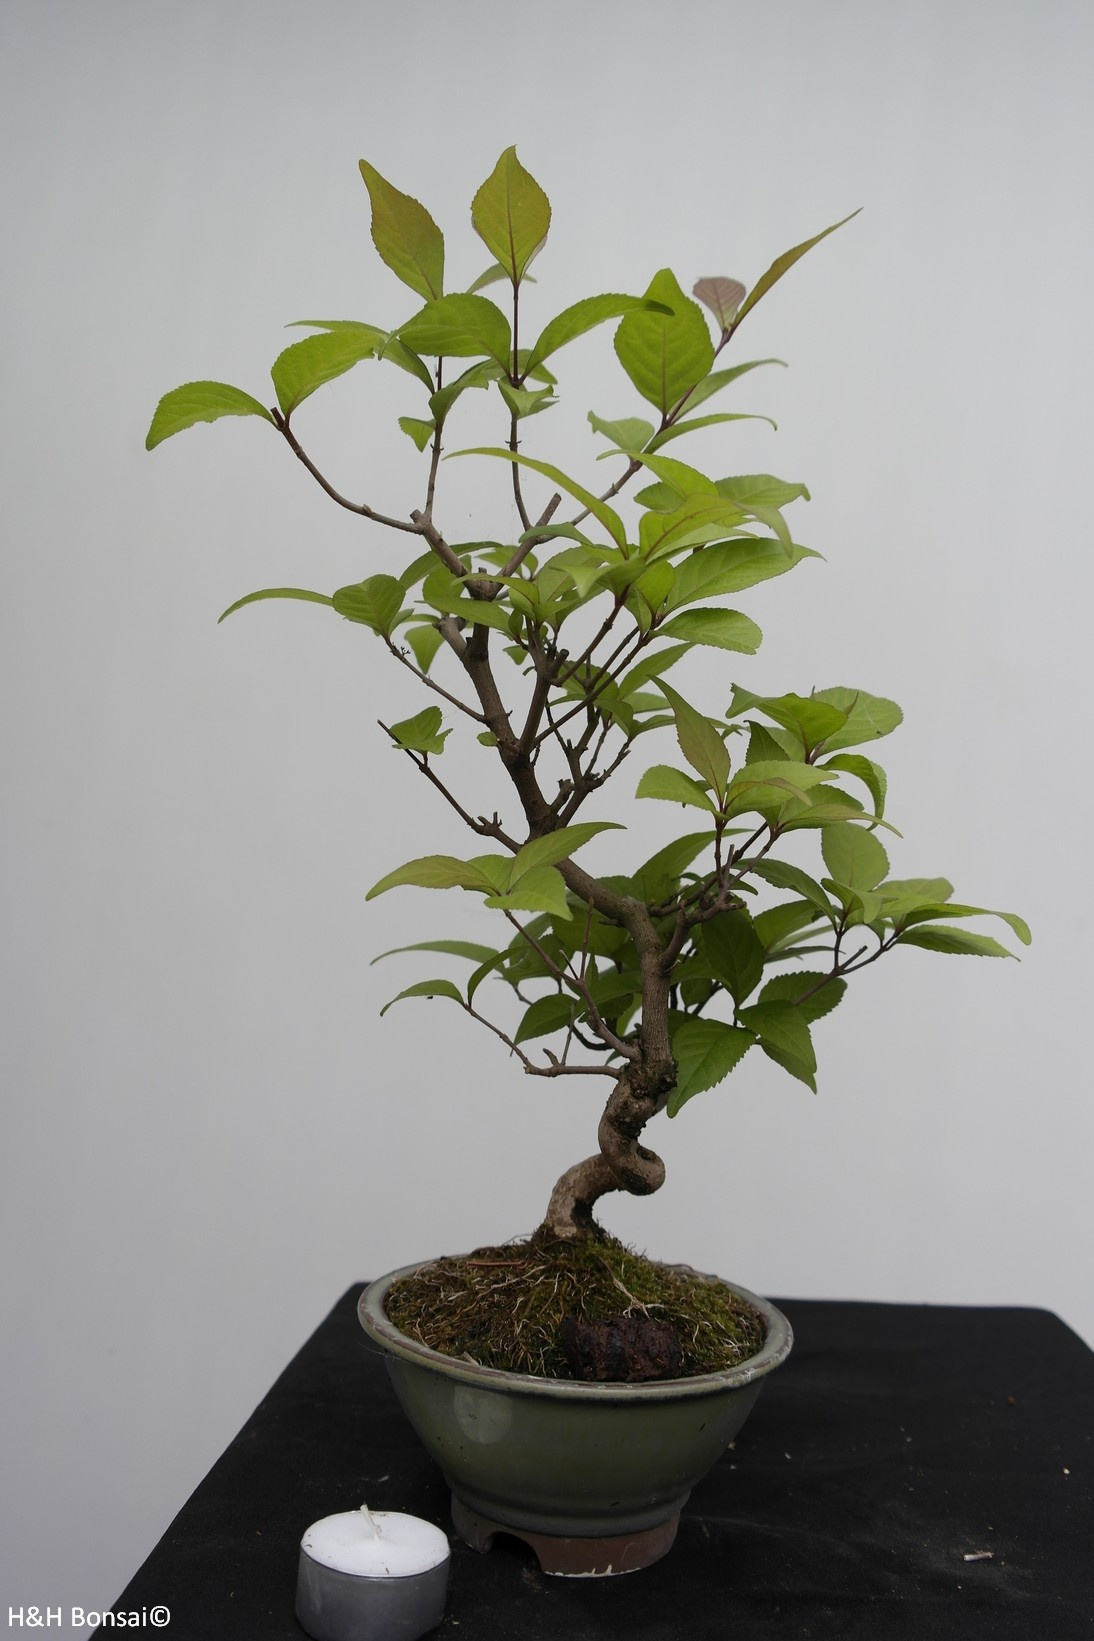 Bonsai Callicarpa japonica, Japanse schoonvrucht, nr. 7768